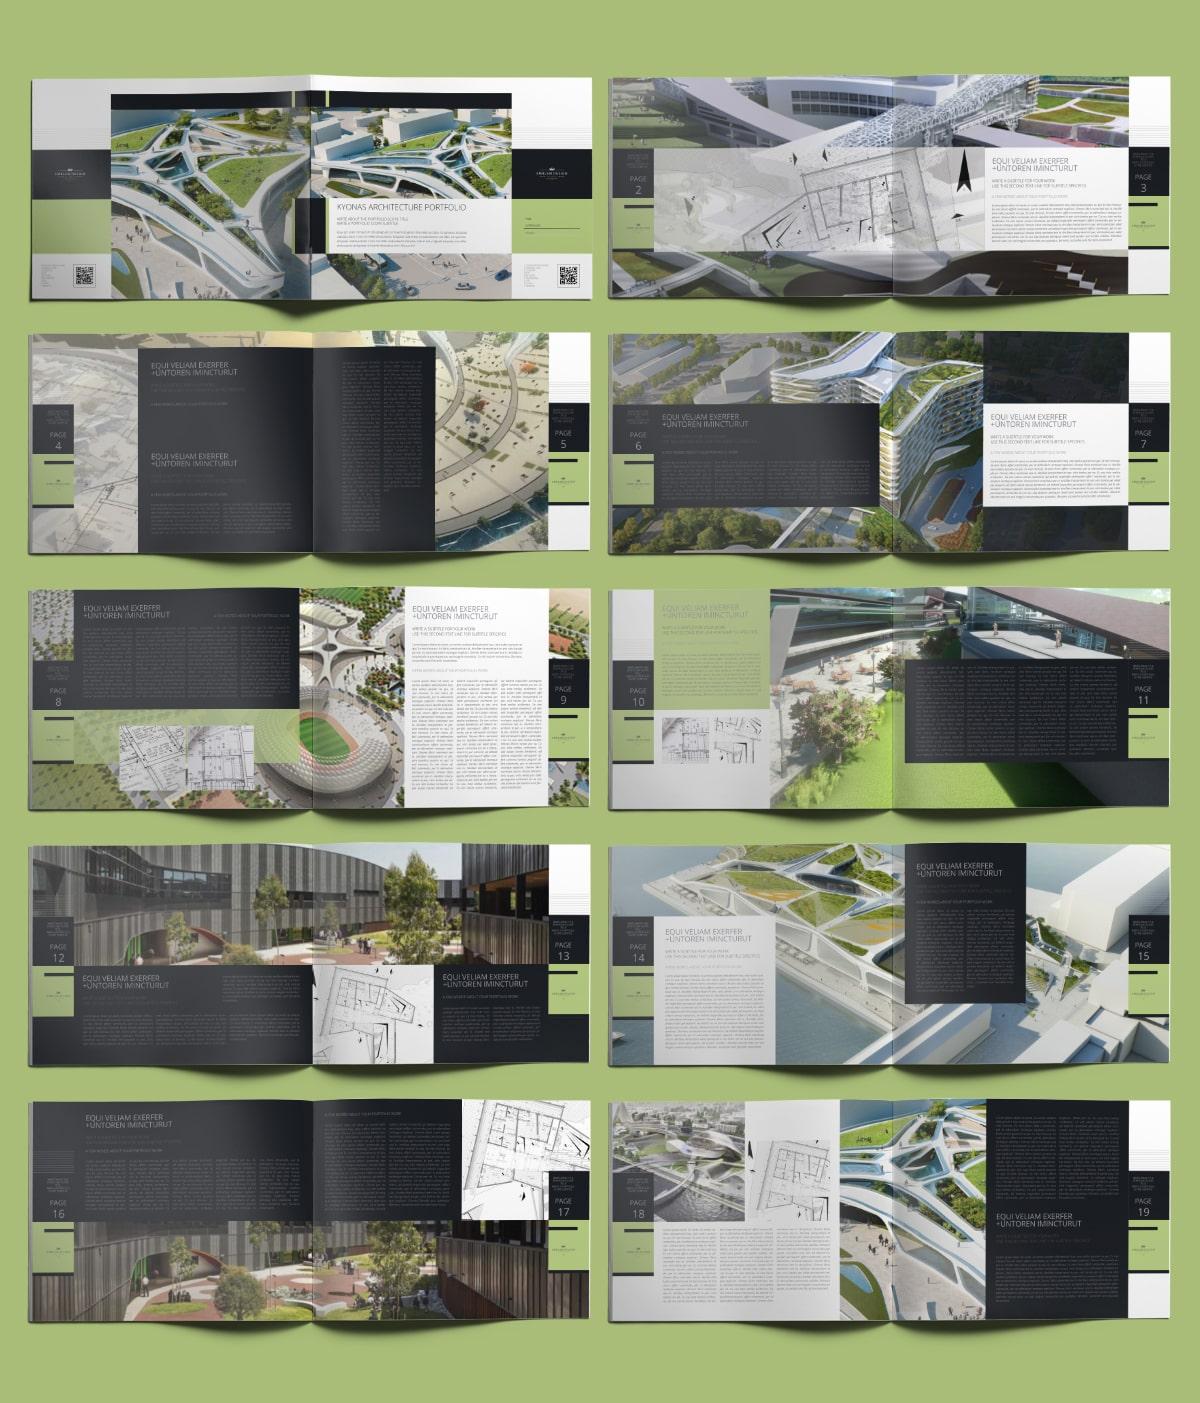 Kyonas Architecture Portfolio US Letter Landscape - Layouts